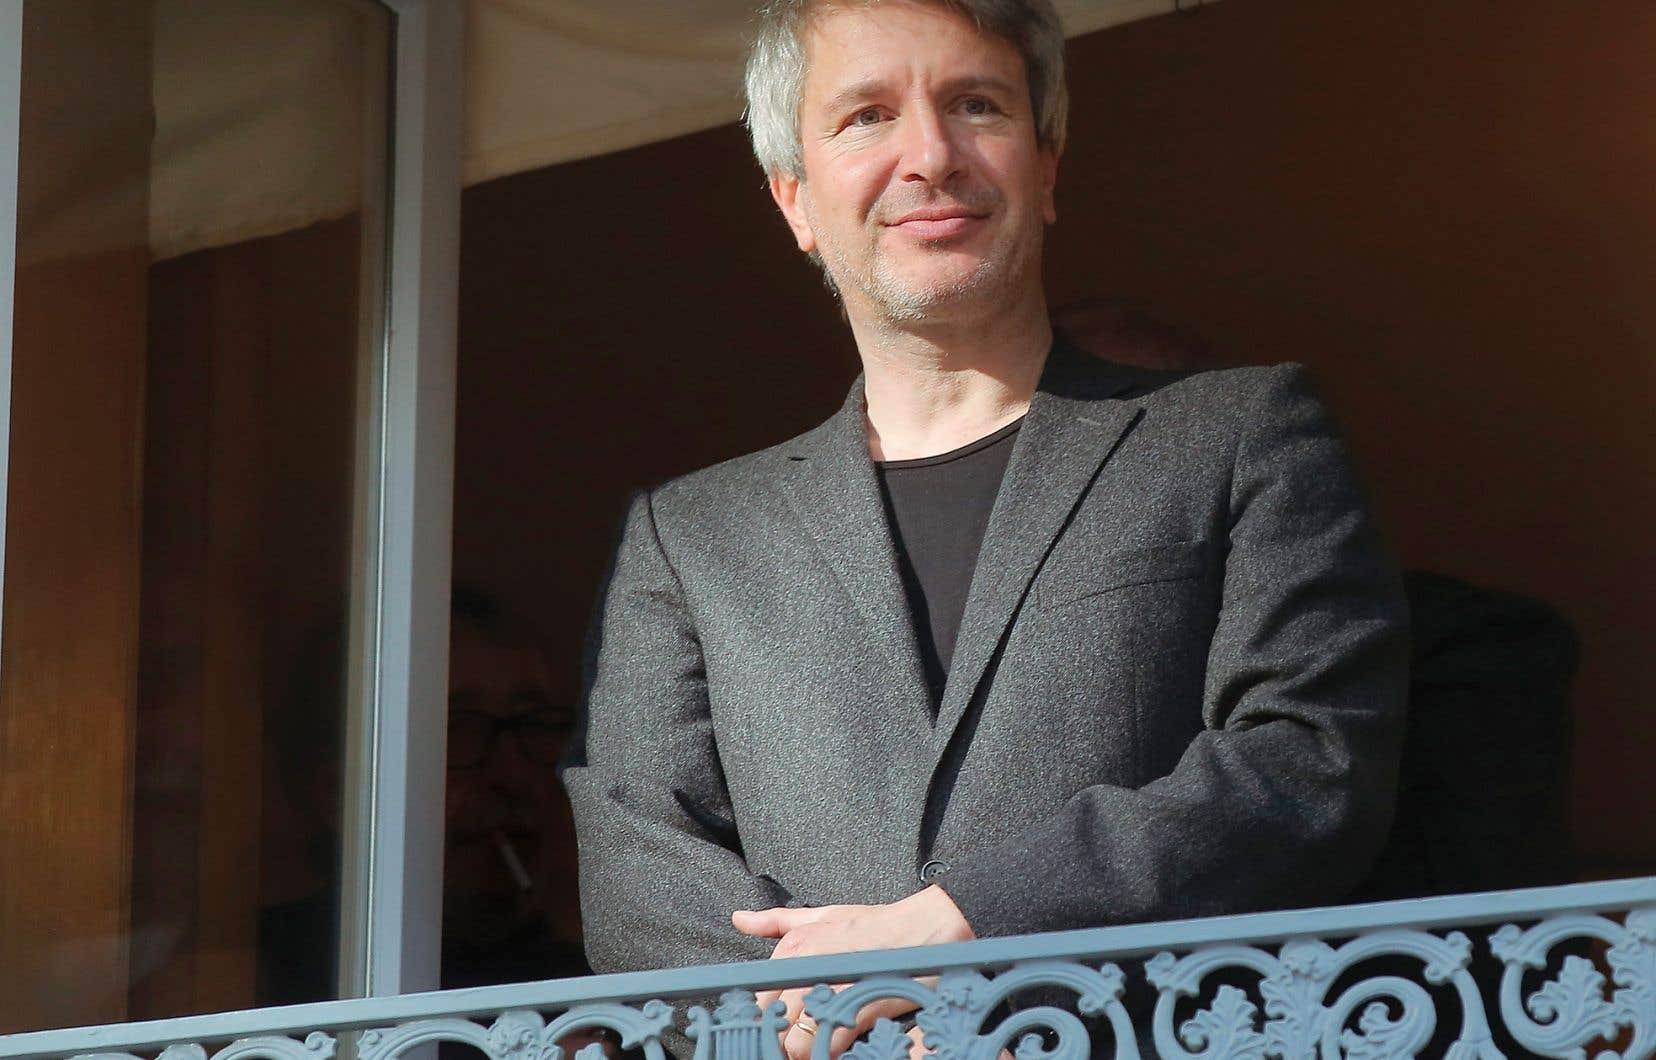 Le prix Goncourt, la plus prestigieuse récompense littéraire du monde francophone, a été attribué à L'ordre du jour d'Éric Vuillard pour son récit sur l'arrivée au pouvoir d'Hitler, l'Anschluss et le soutien sans faille des industriels allemands à la machine de guerre nazie.